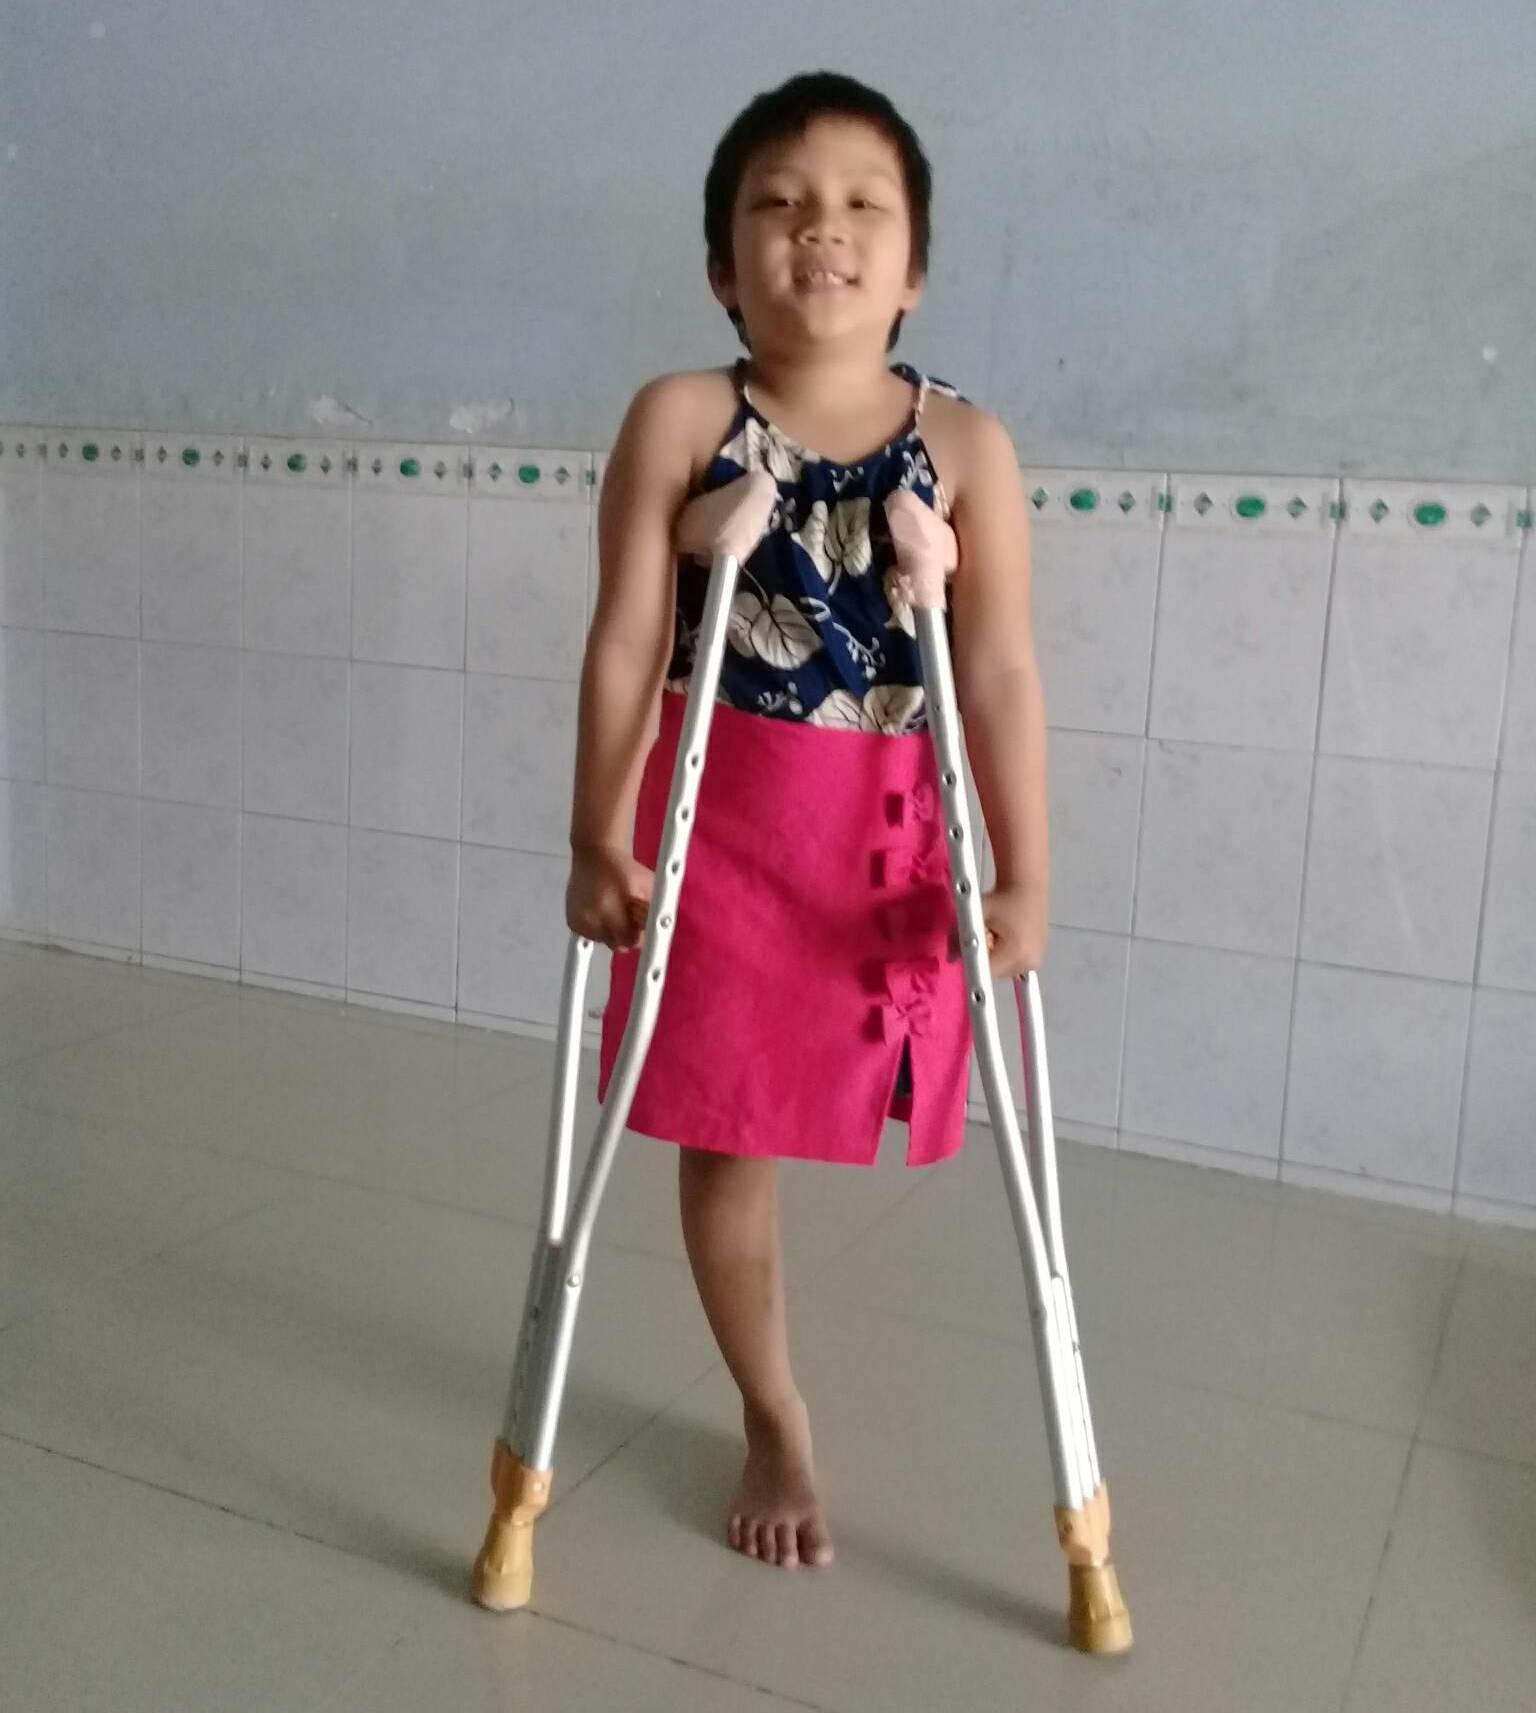 Ước mơ đến trường của cô bé mất 1 chân vì bệnh ung thư - Ảnh 7.